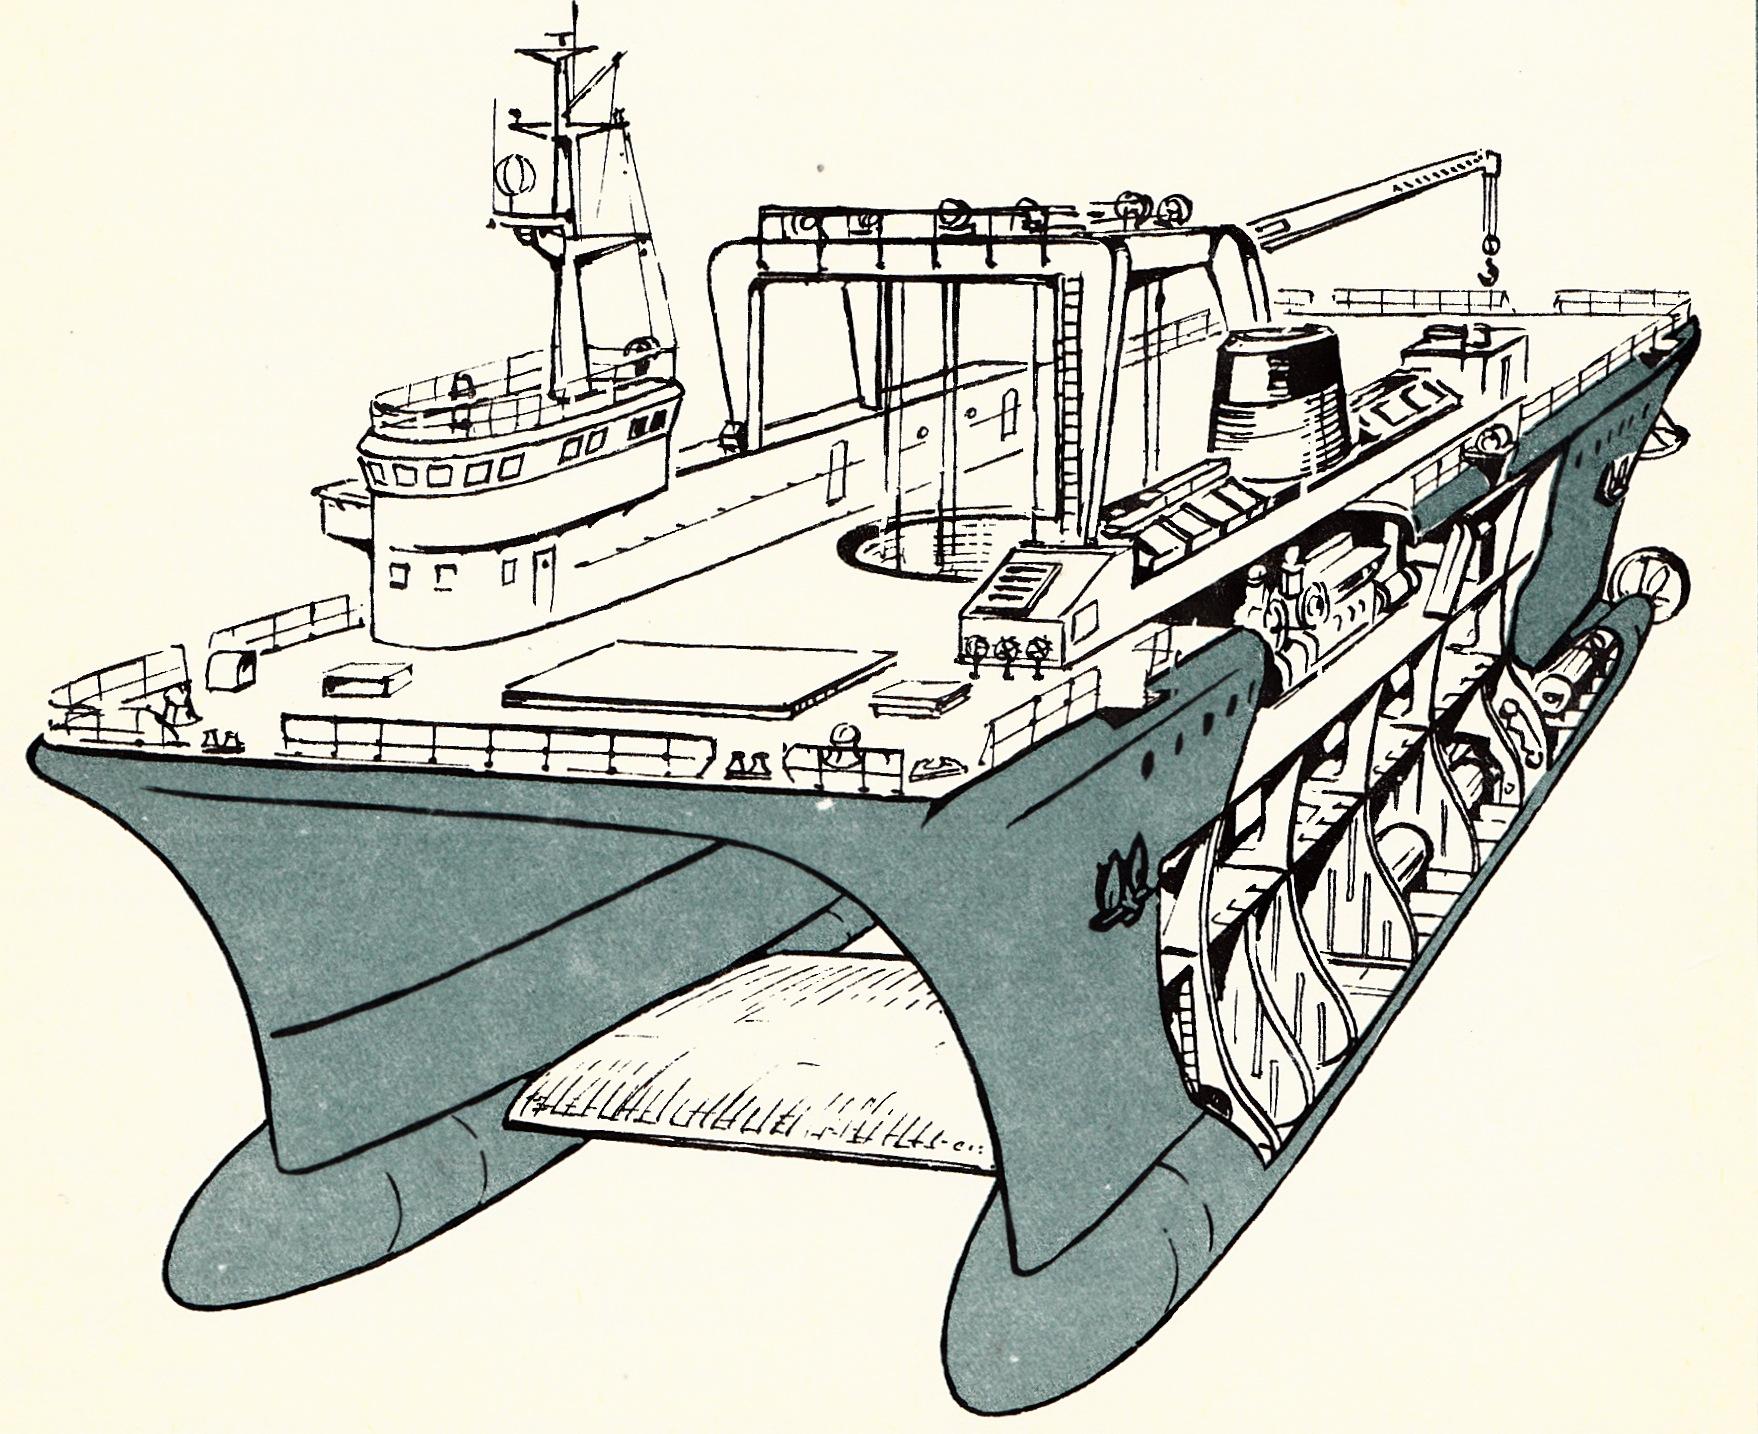 Holenderski dwukadłubowy statek badawczy Duplus